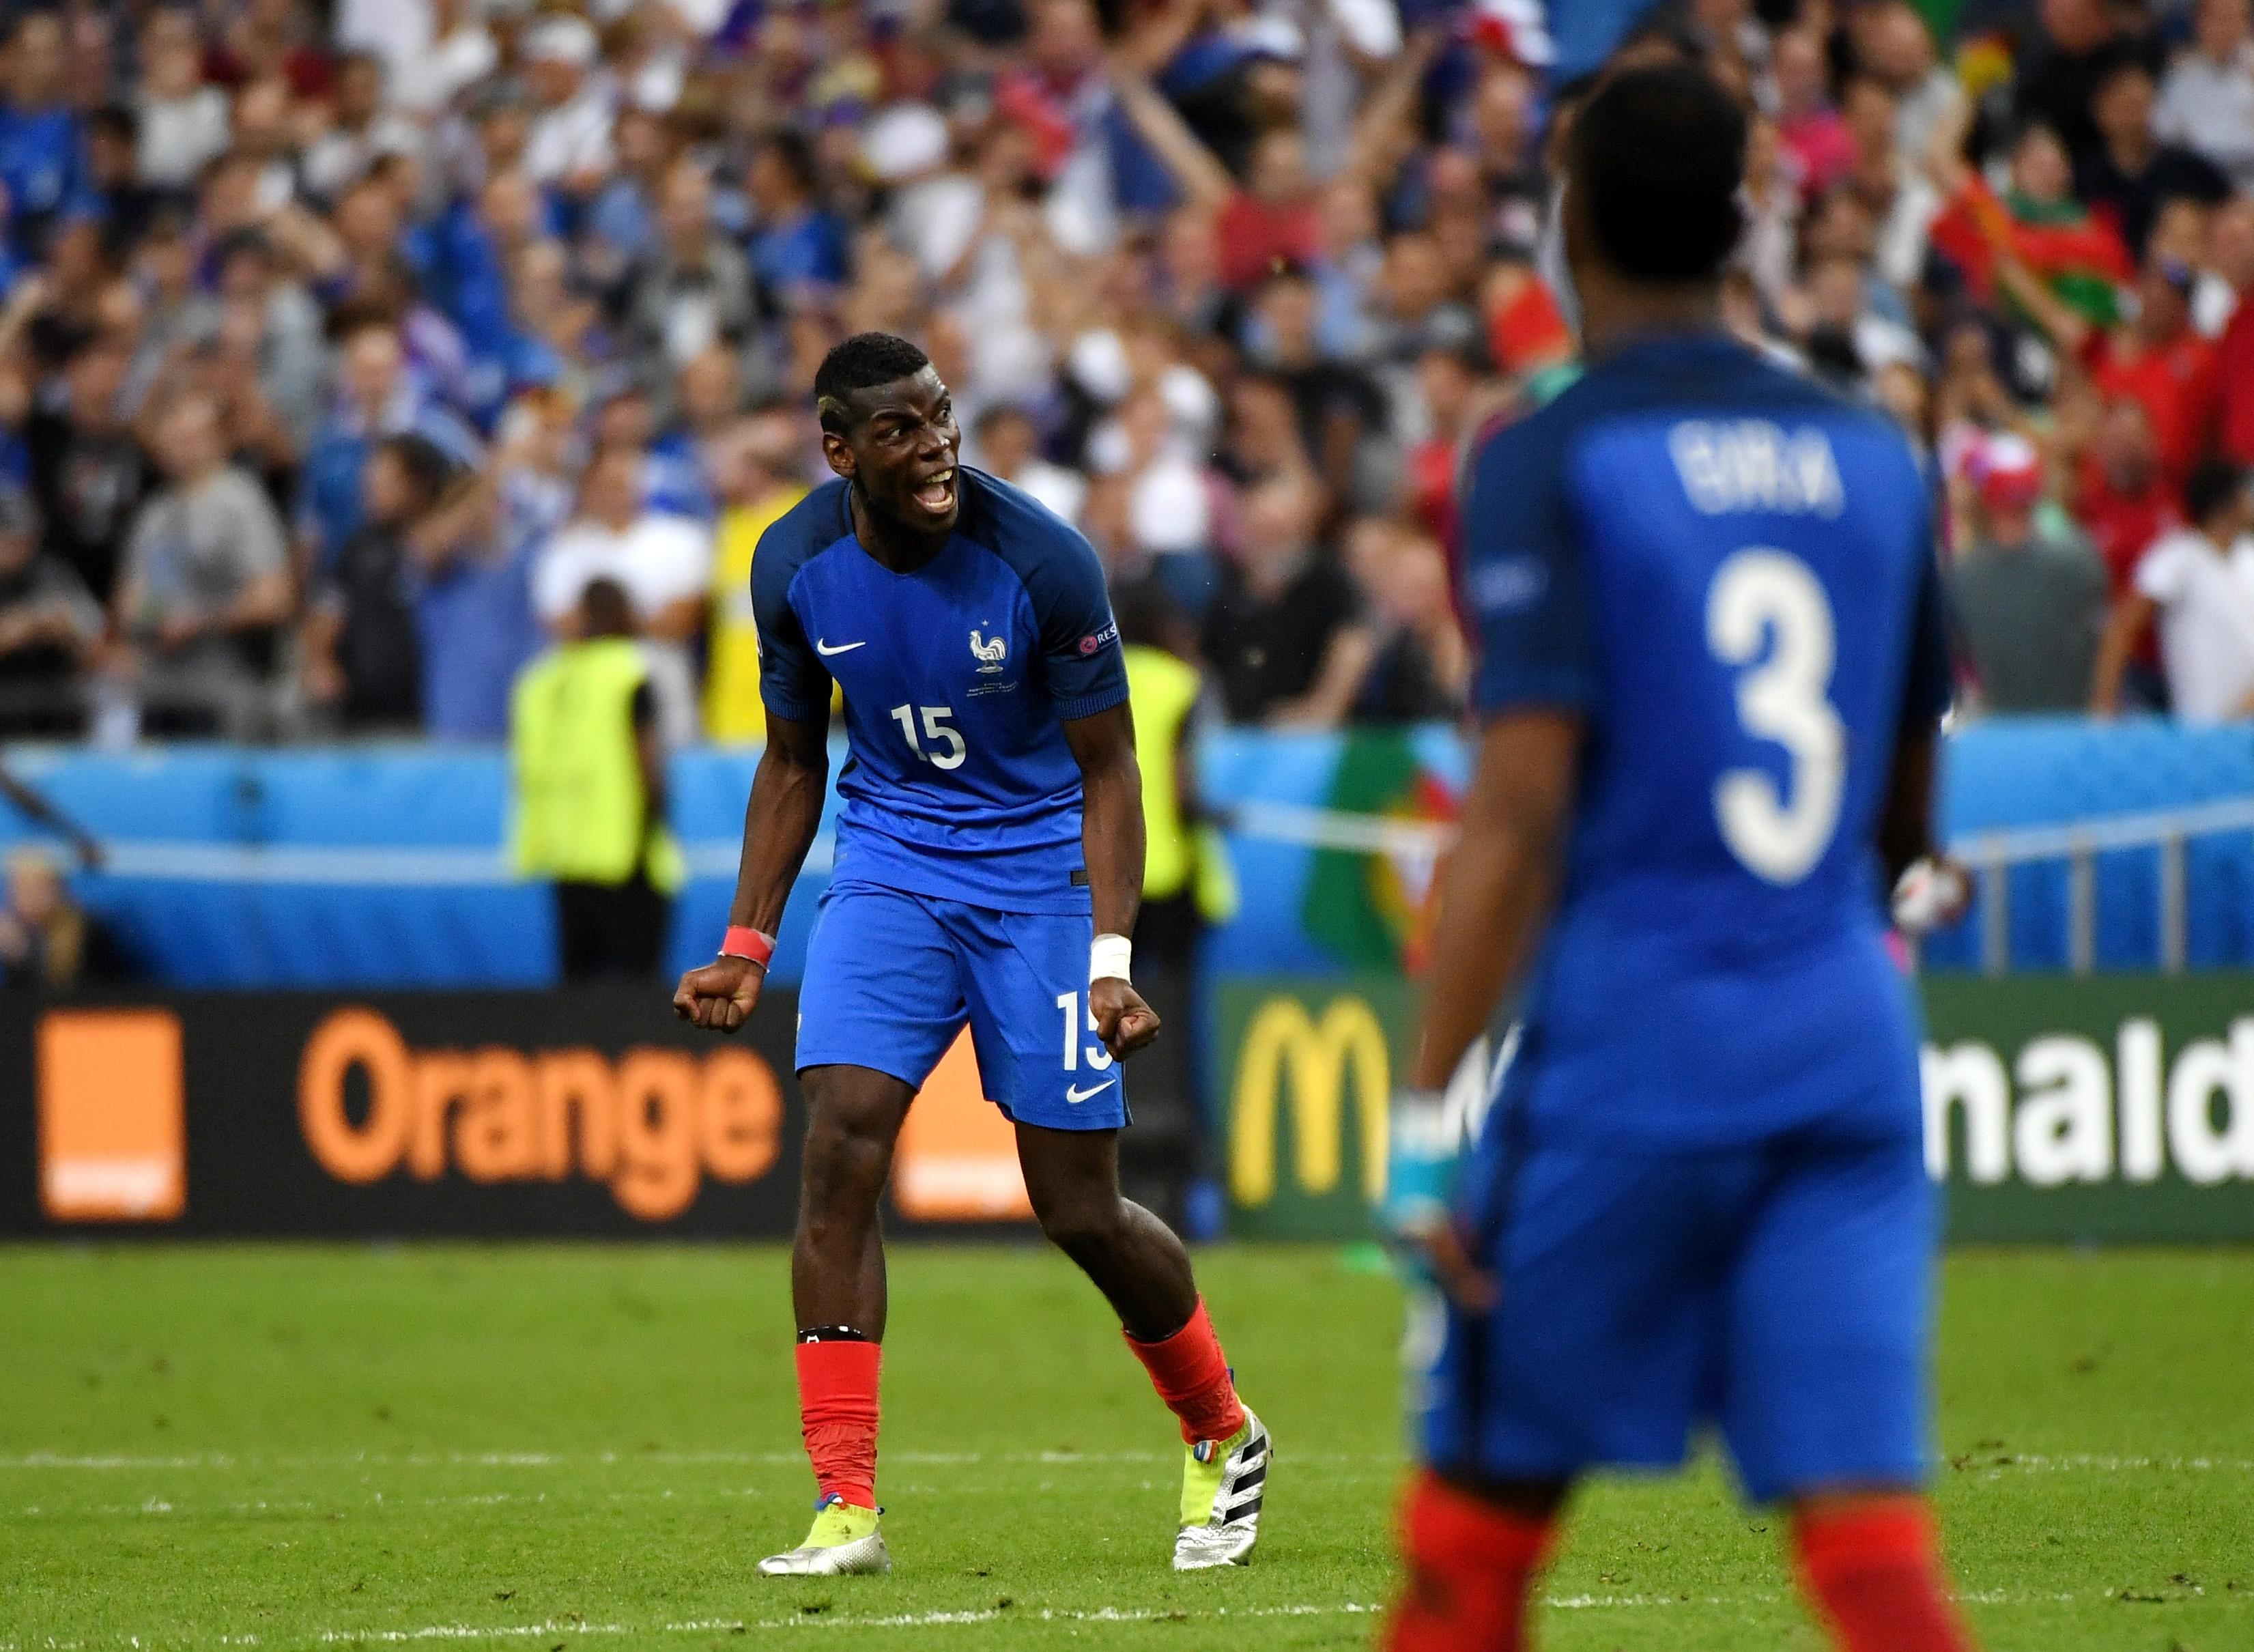 法國中場保羅普巴在葡萄牙隊射門得分後的不悅的表情。(Mike Hewitt/Getty Images)